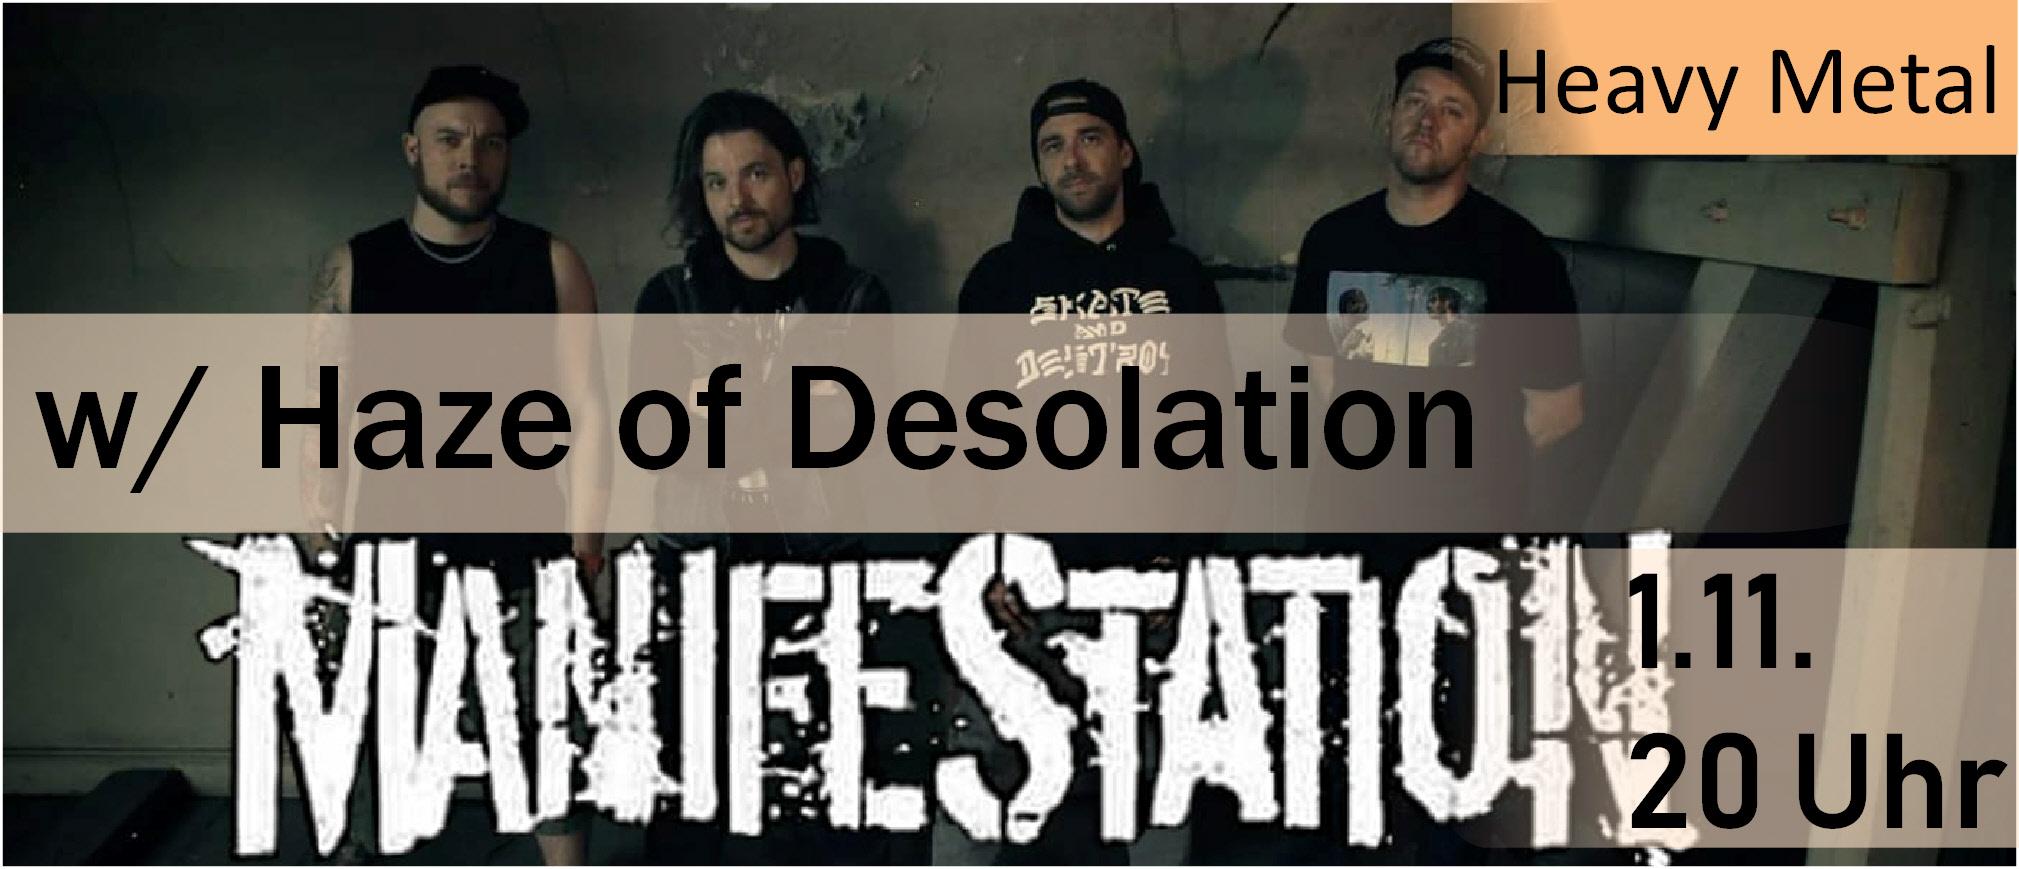 11-01 Manifestation im Parkclub